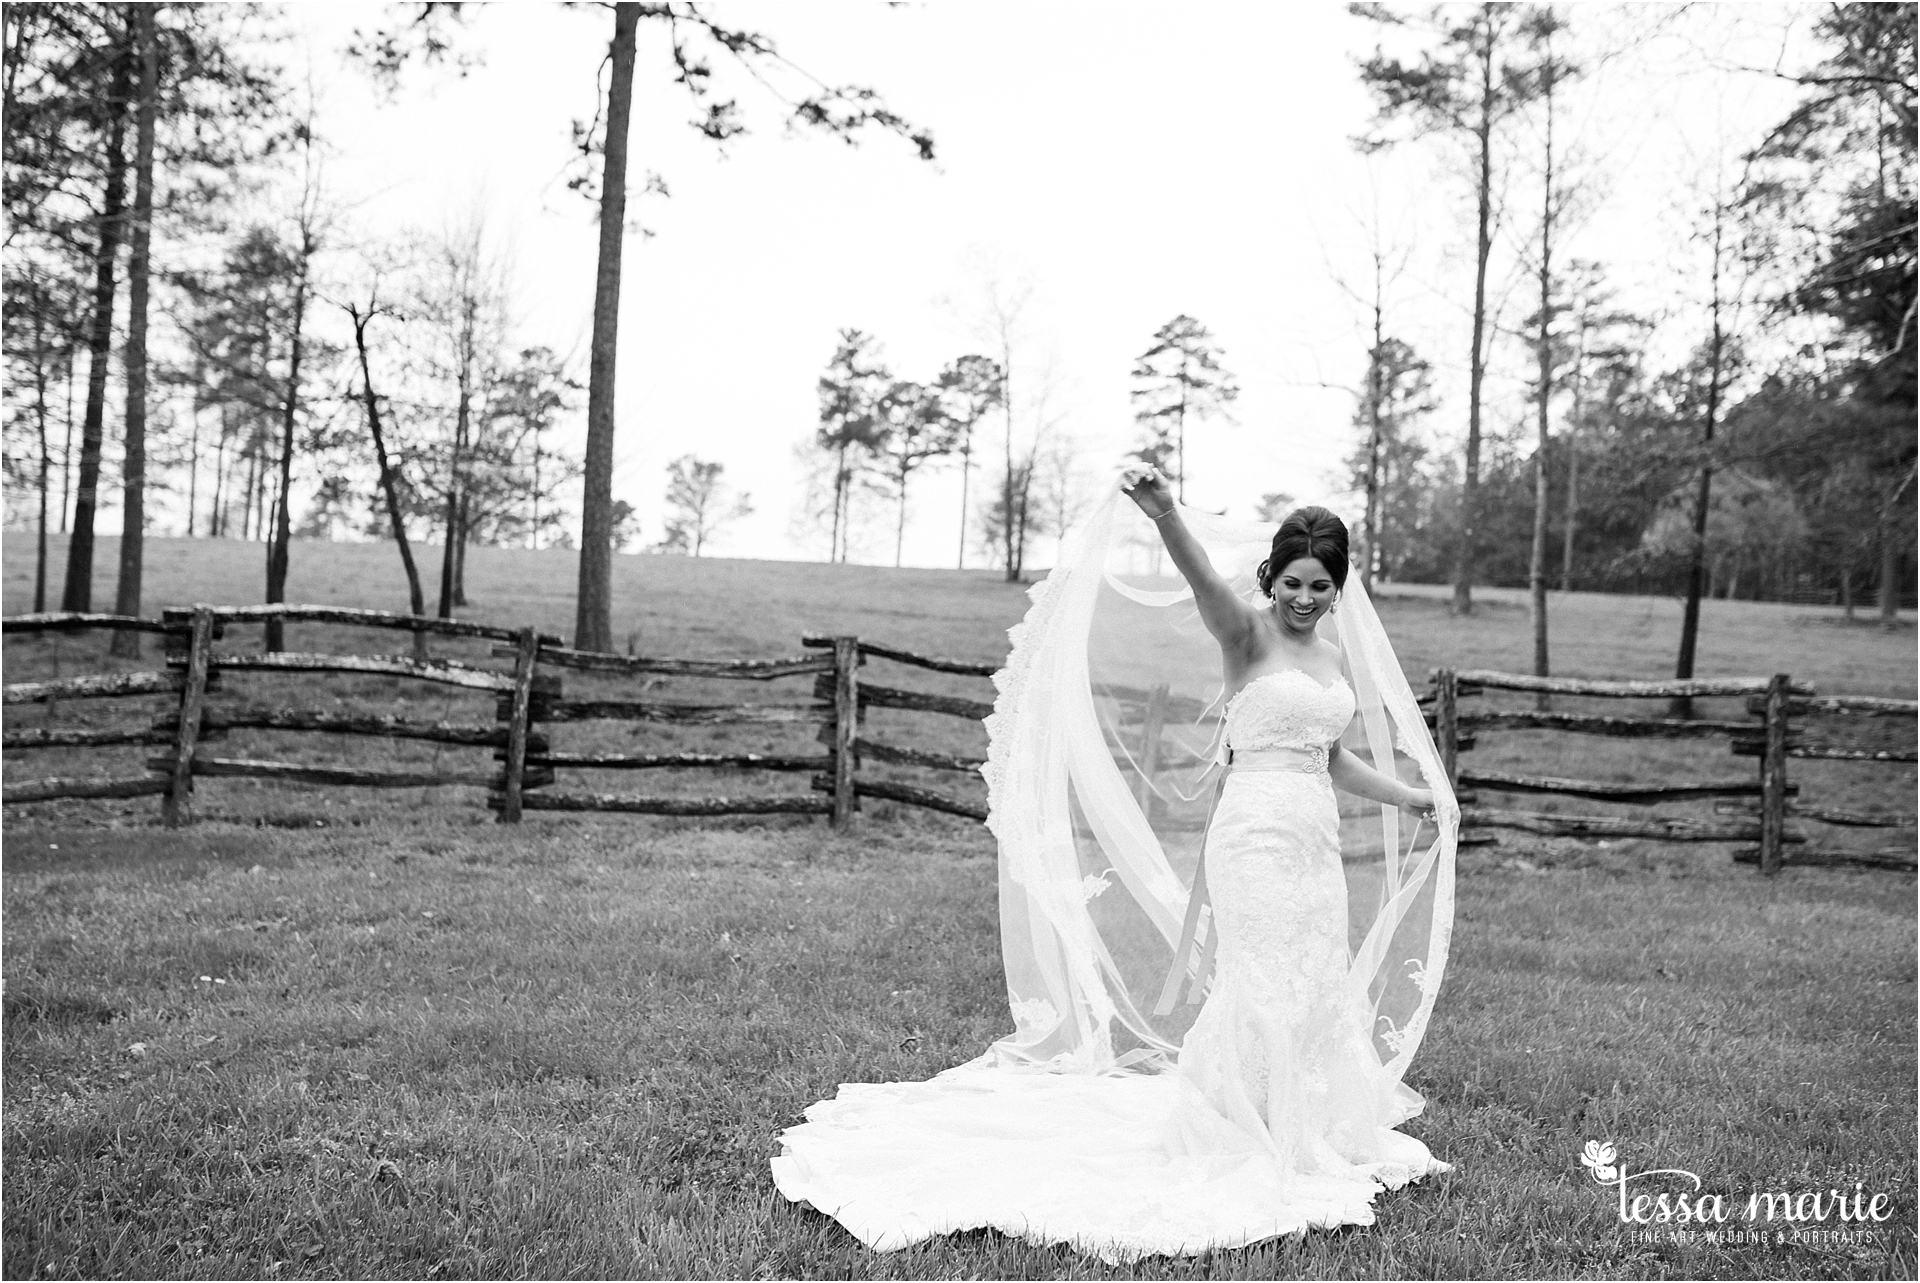 032216_brittany_kevin_wedding-32